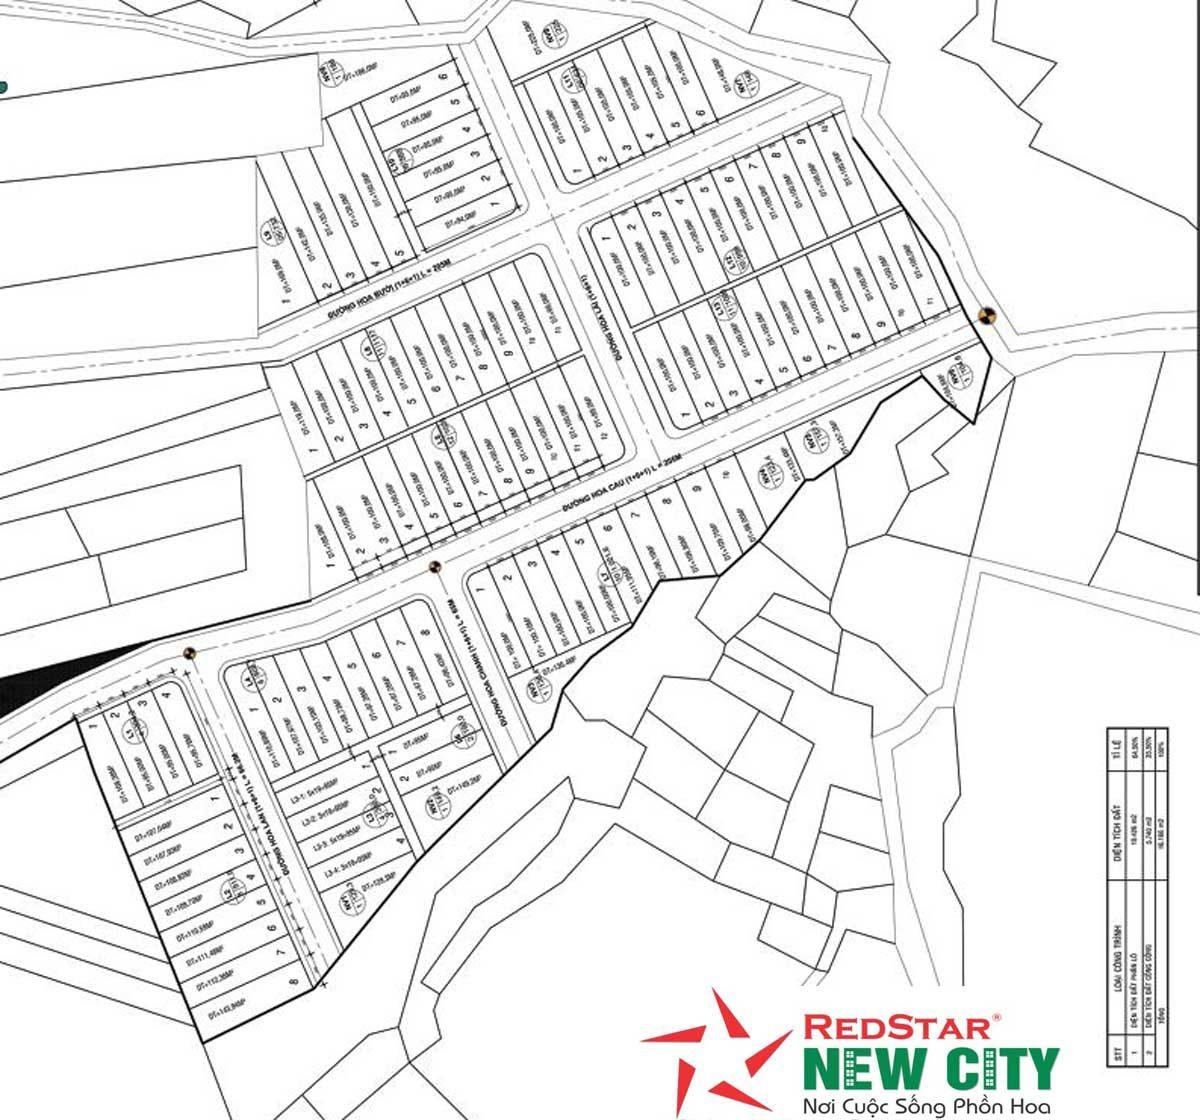 mat bang du an redstar new city - DỰ ÁN REDSTAR NEW CITY BÀ RỊA VŨNG TÀU